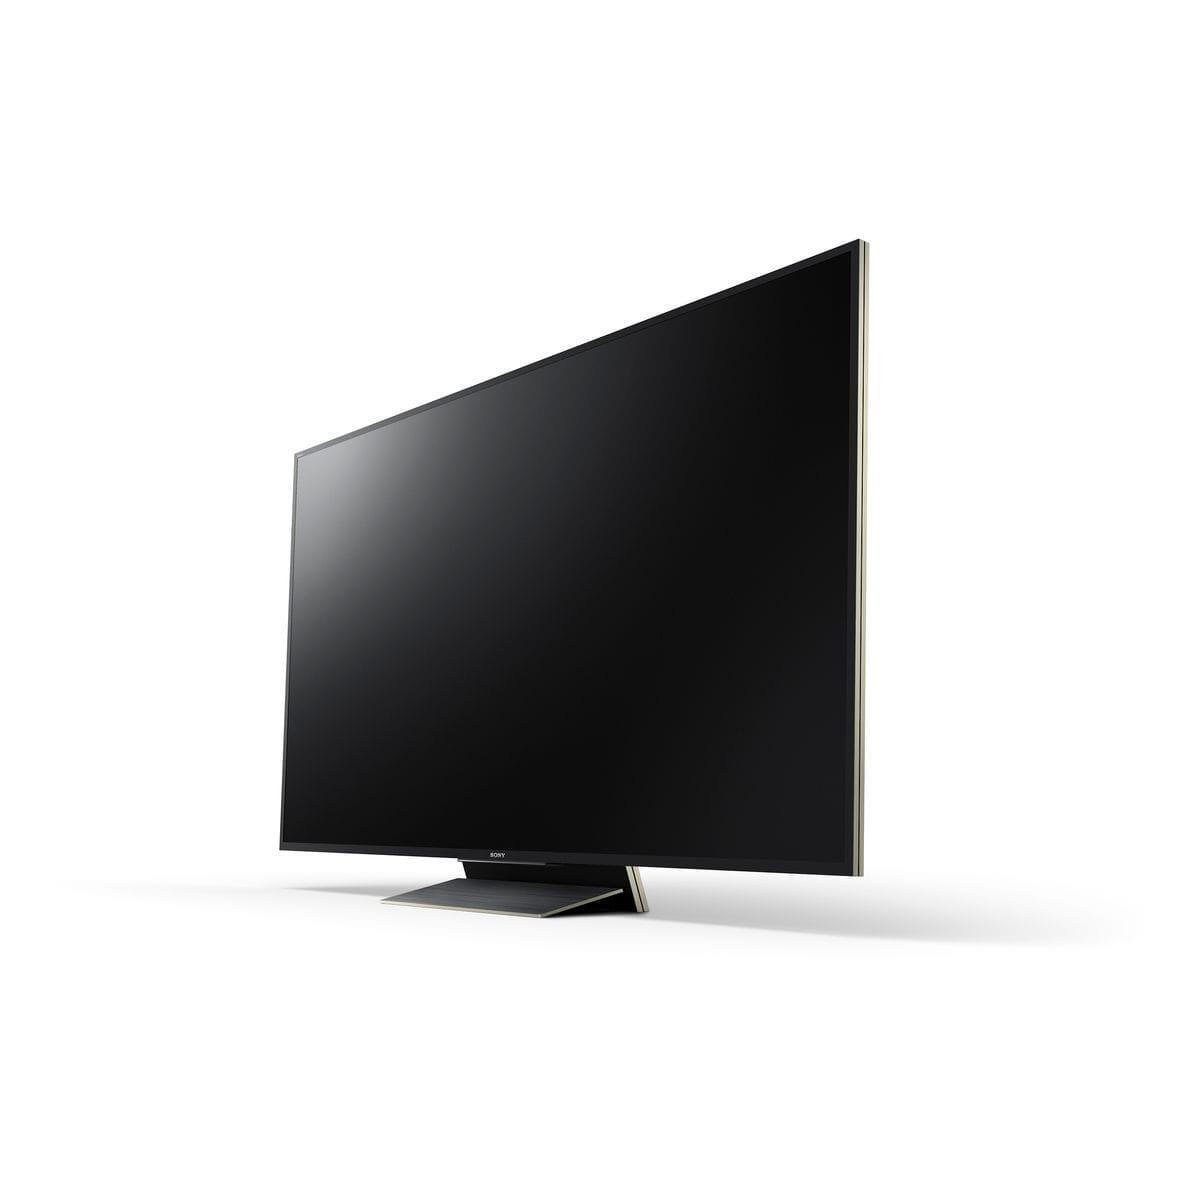 SMART TV Sony LCD 3D Ultra HD 4K 165 cm KD-65ZD9